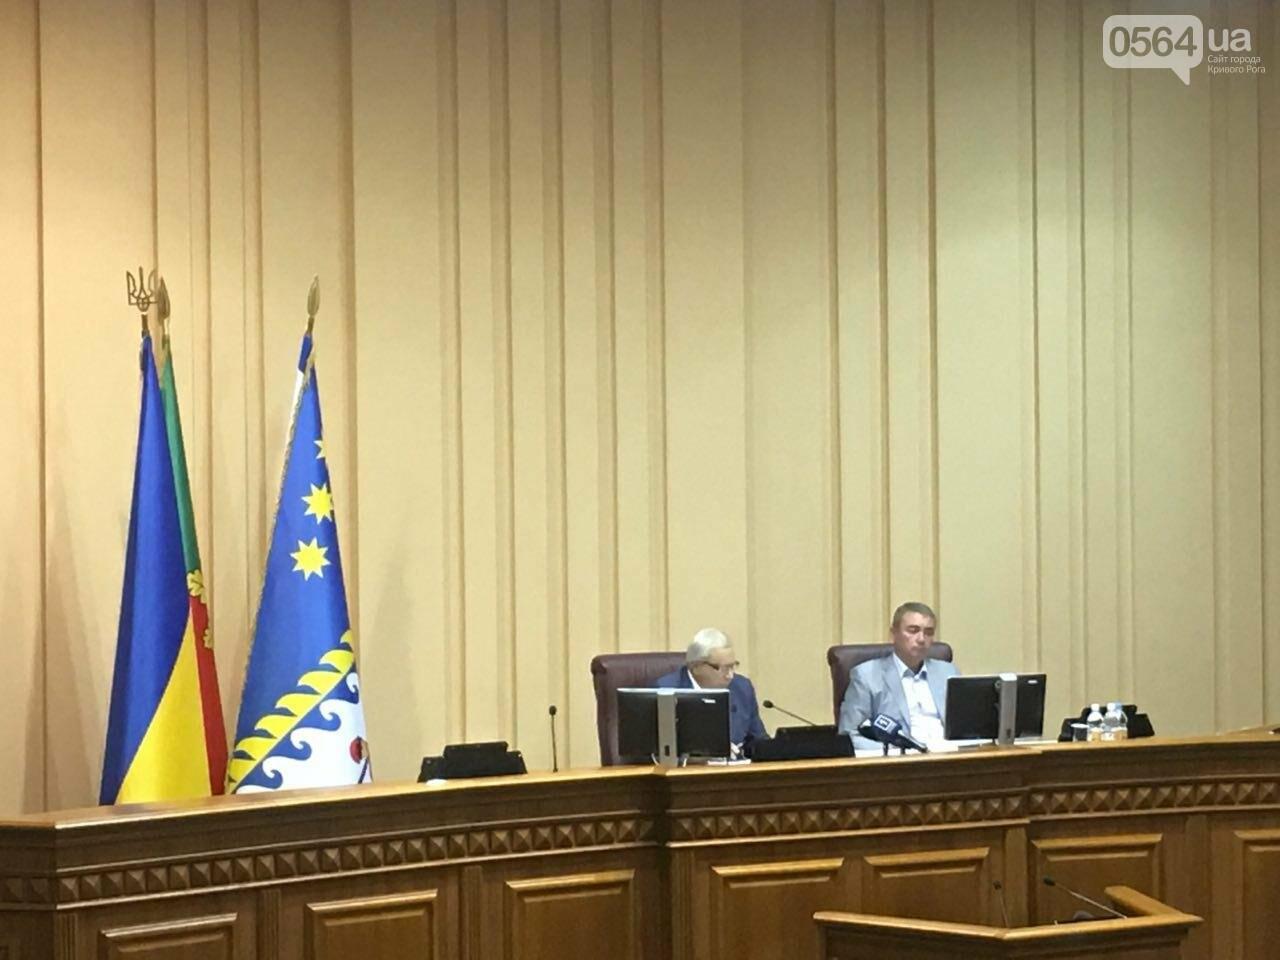 Для побратимства с беларусским Жодино в Криворожском горсовете не хватило 1 голоса, - ФОТО, фото-3